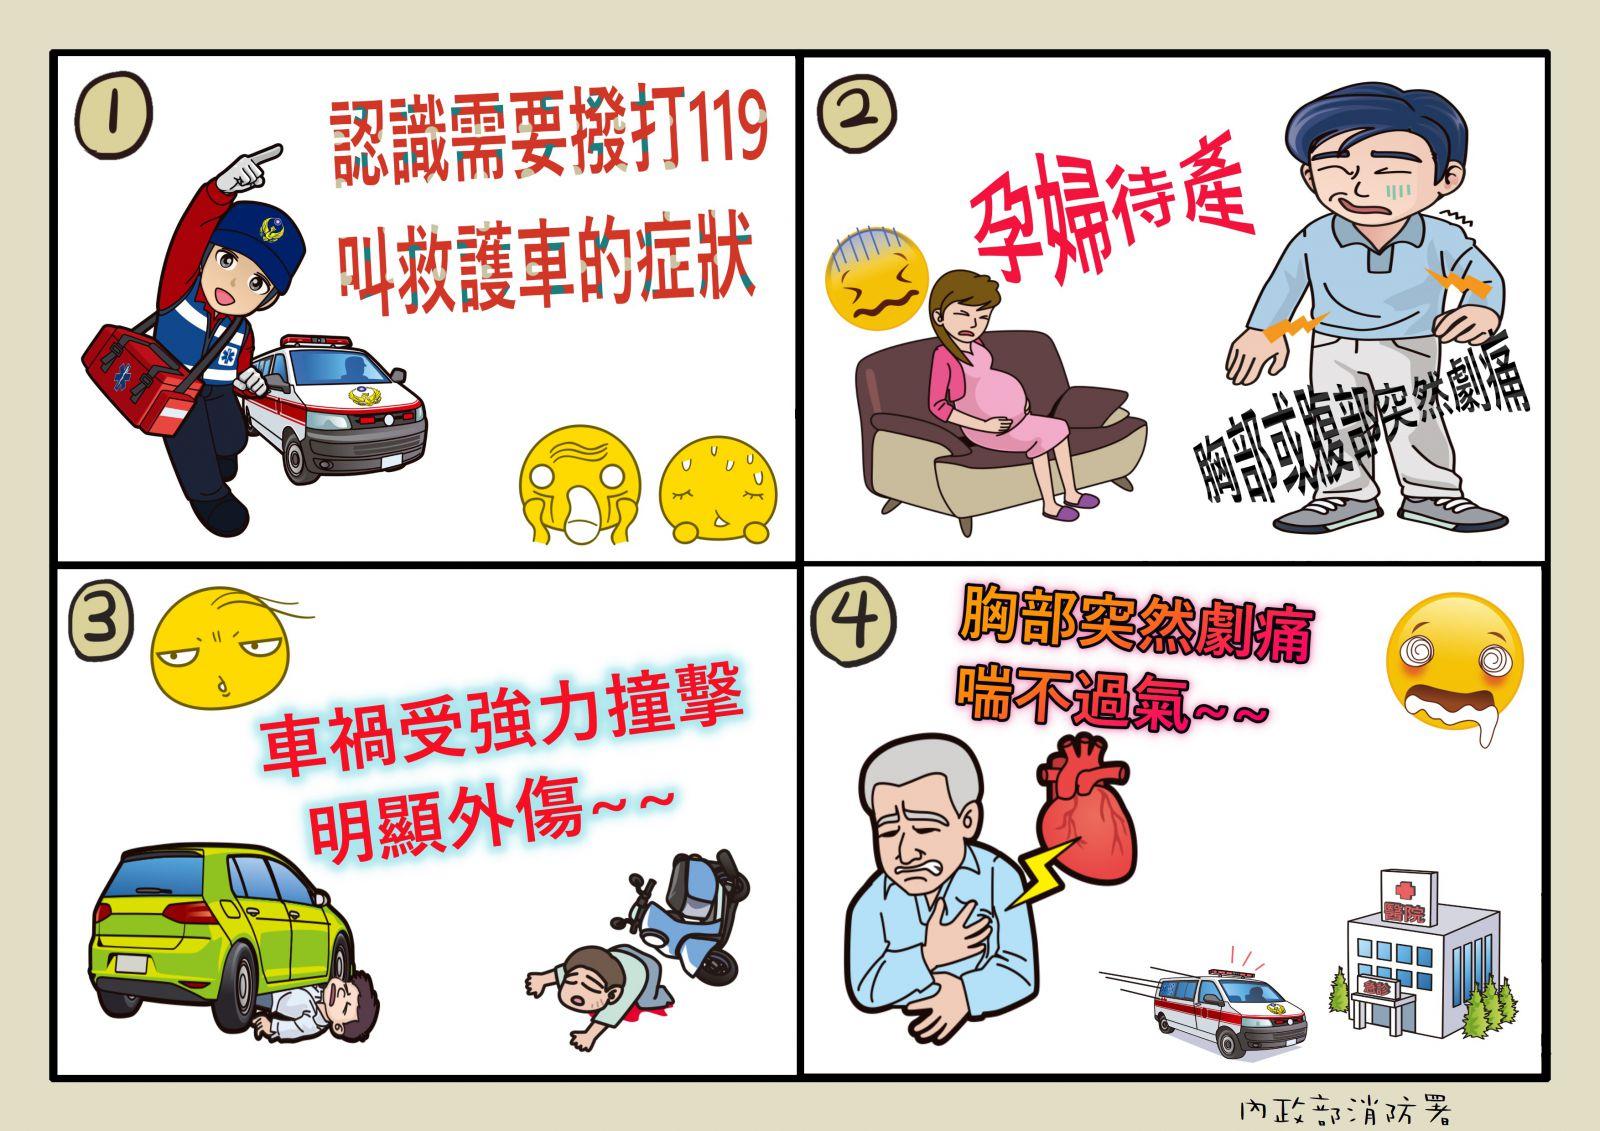 內政部消防署緊急救護四格漫畫創意徵選 範例 B